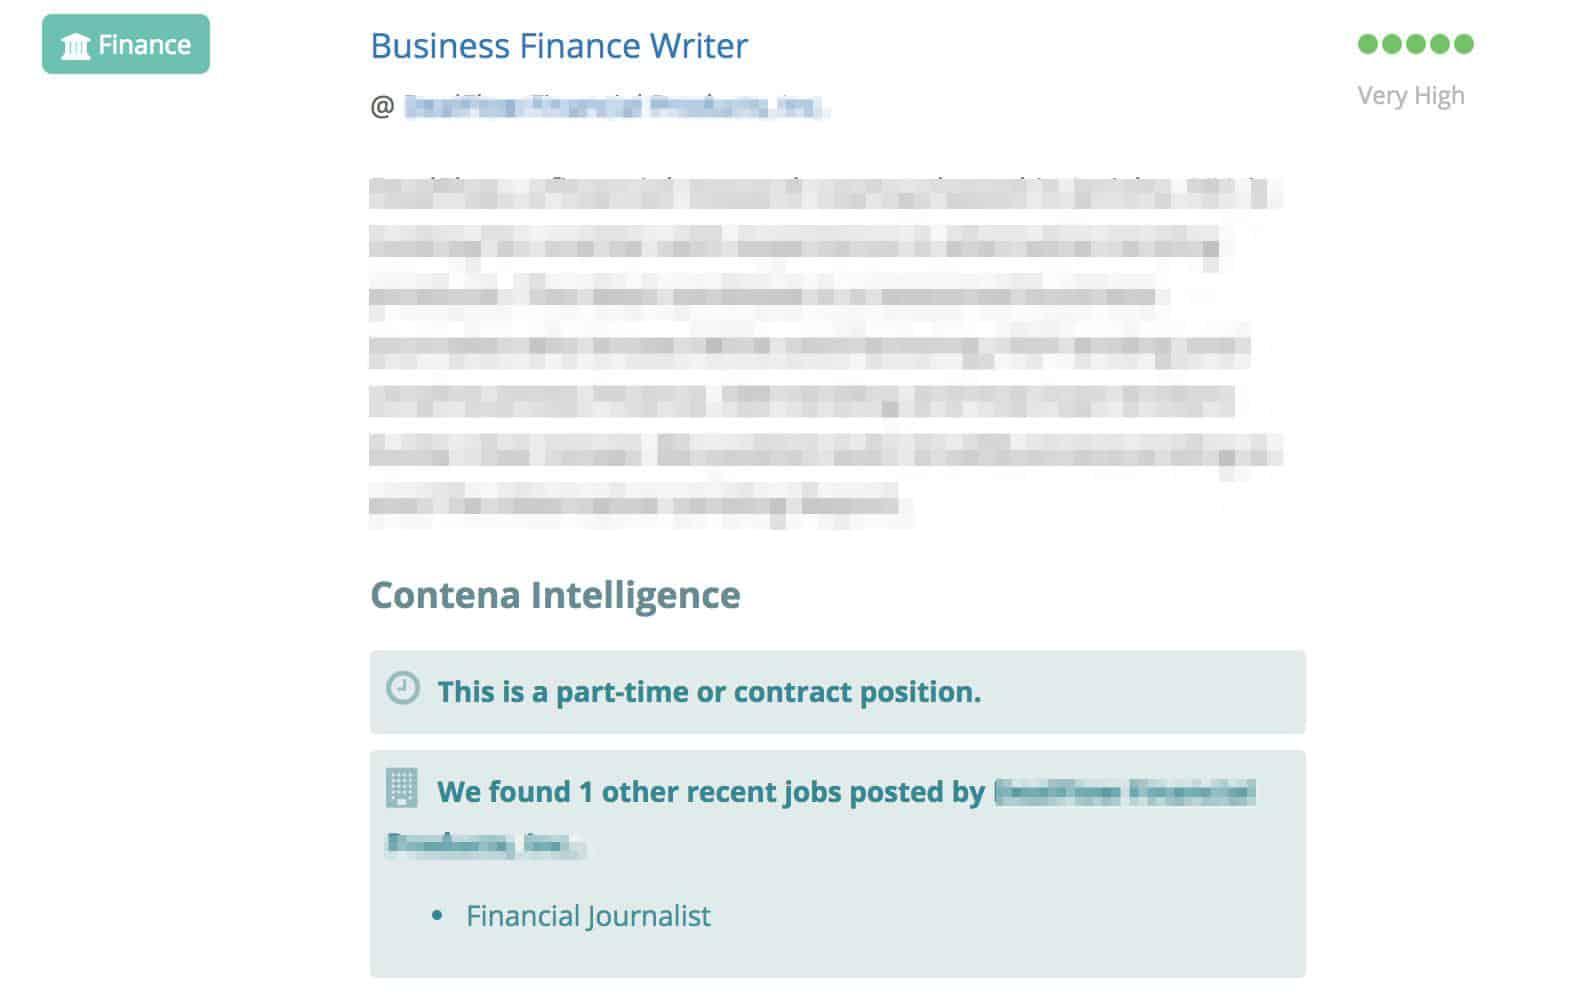 Contena Job Description